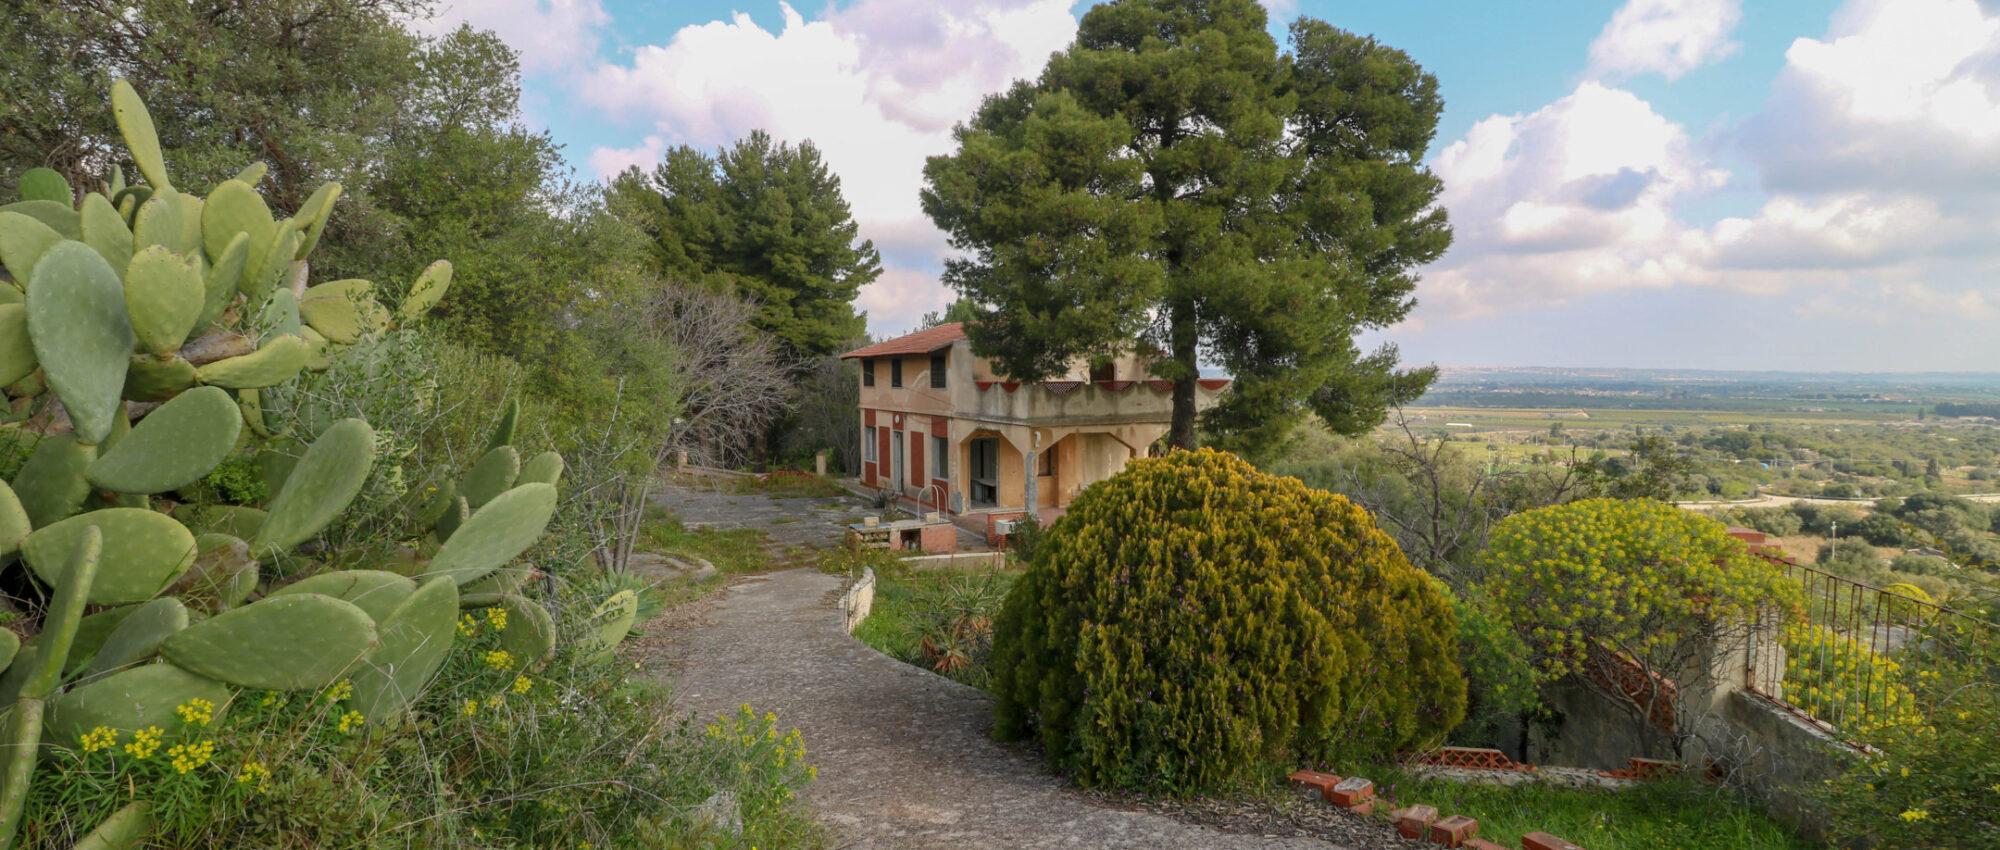 Syracuse Villa for sale in the Grotta Monello area